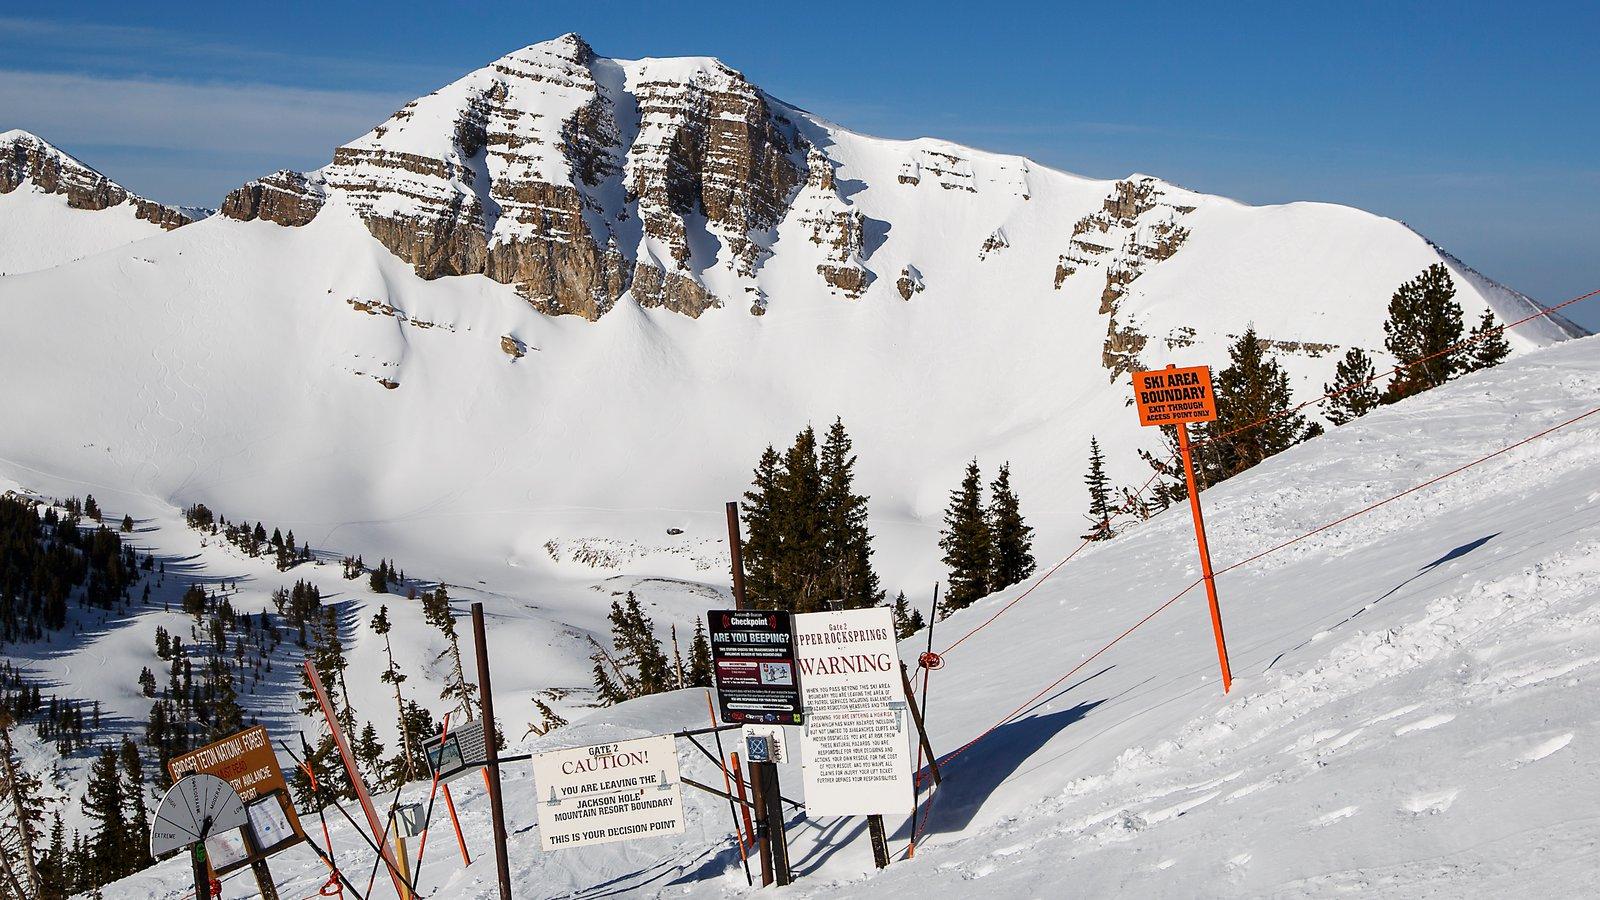 Jackson Hole Mountain Resort mostrando sinalização, montanhas e neve